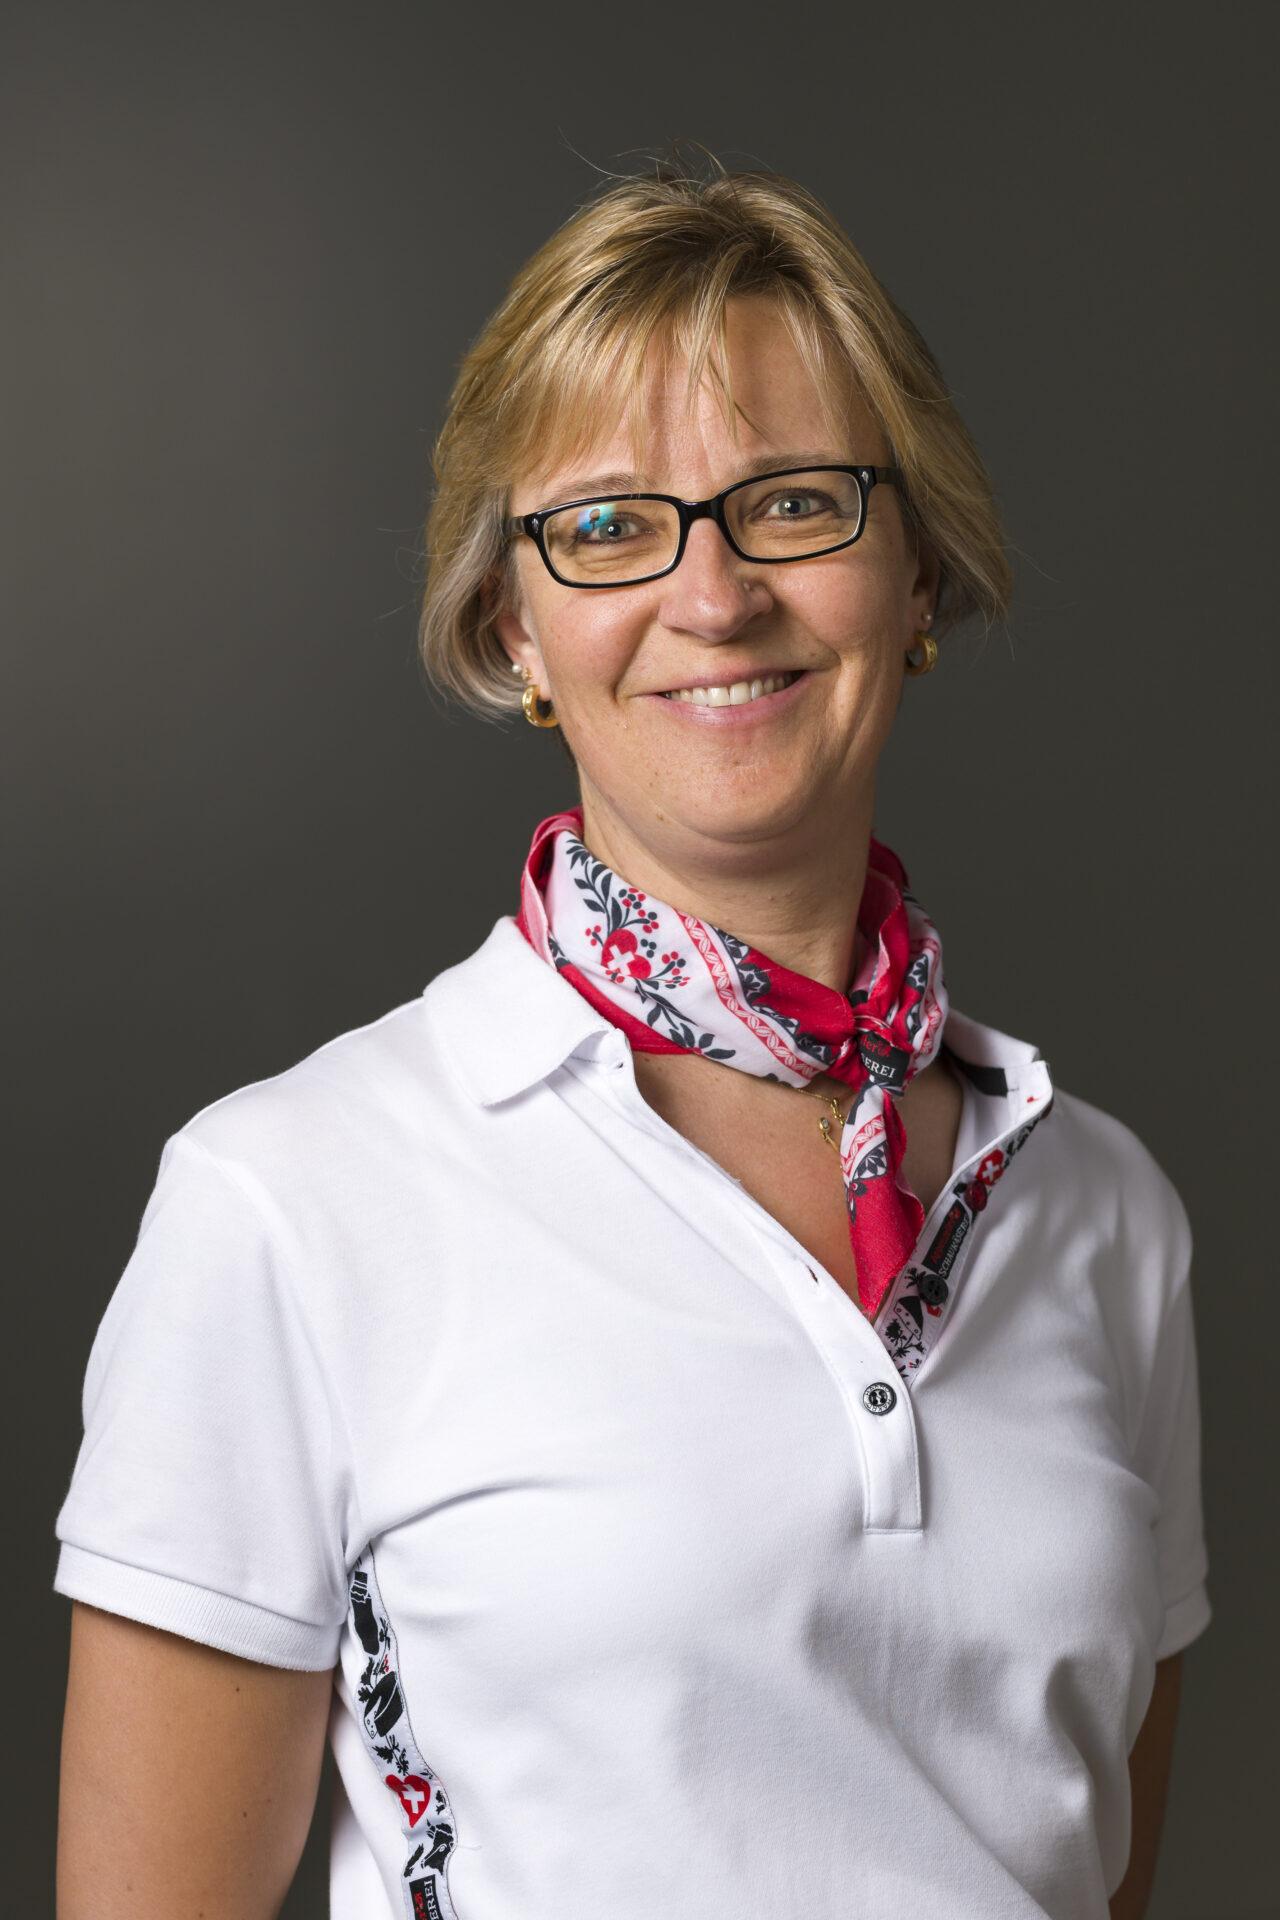 Jeannette Manser, Schaubereich